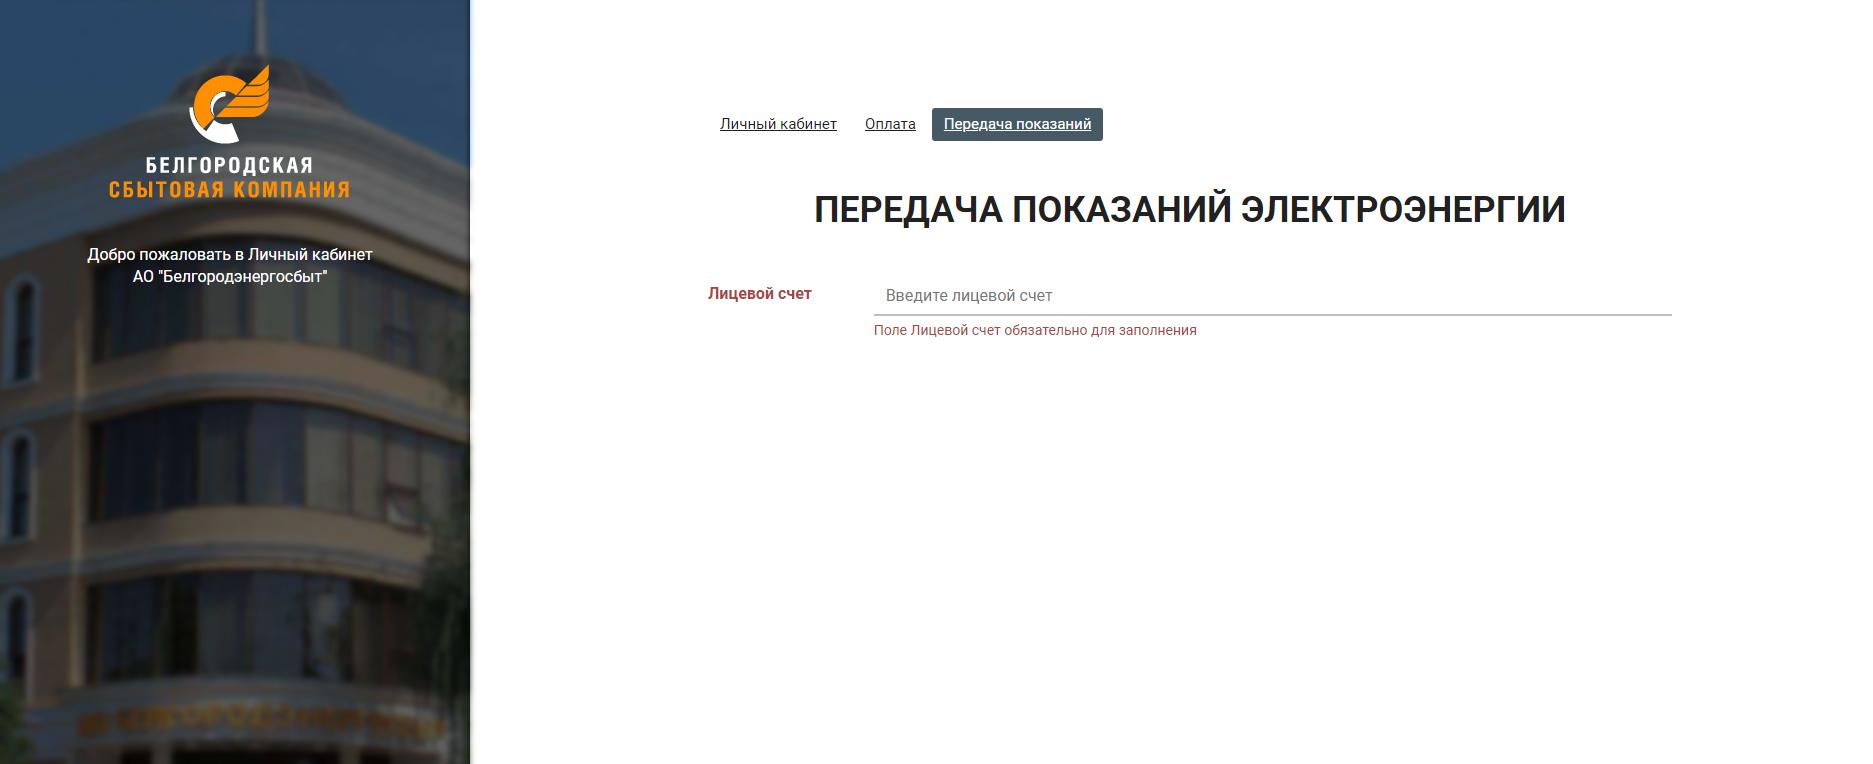 белгородэнергосбыт5.png